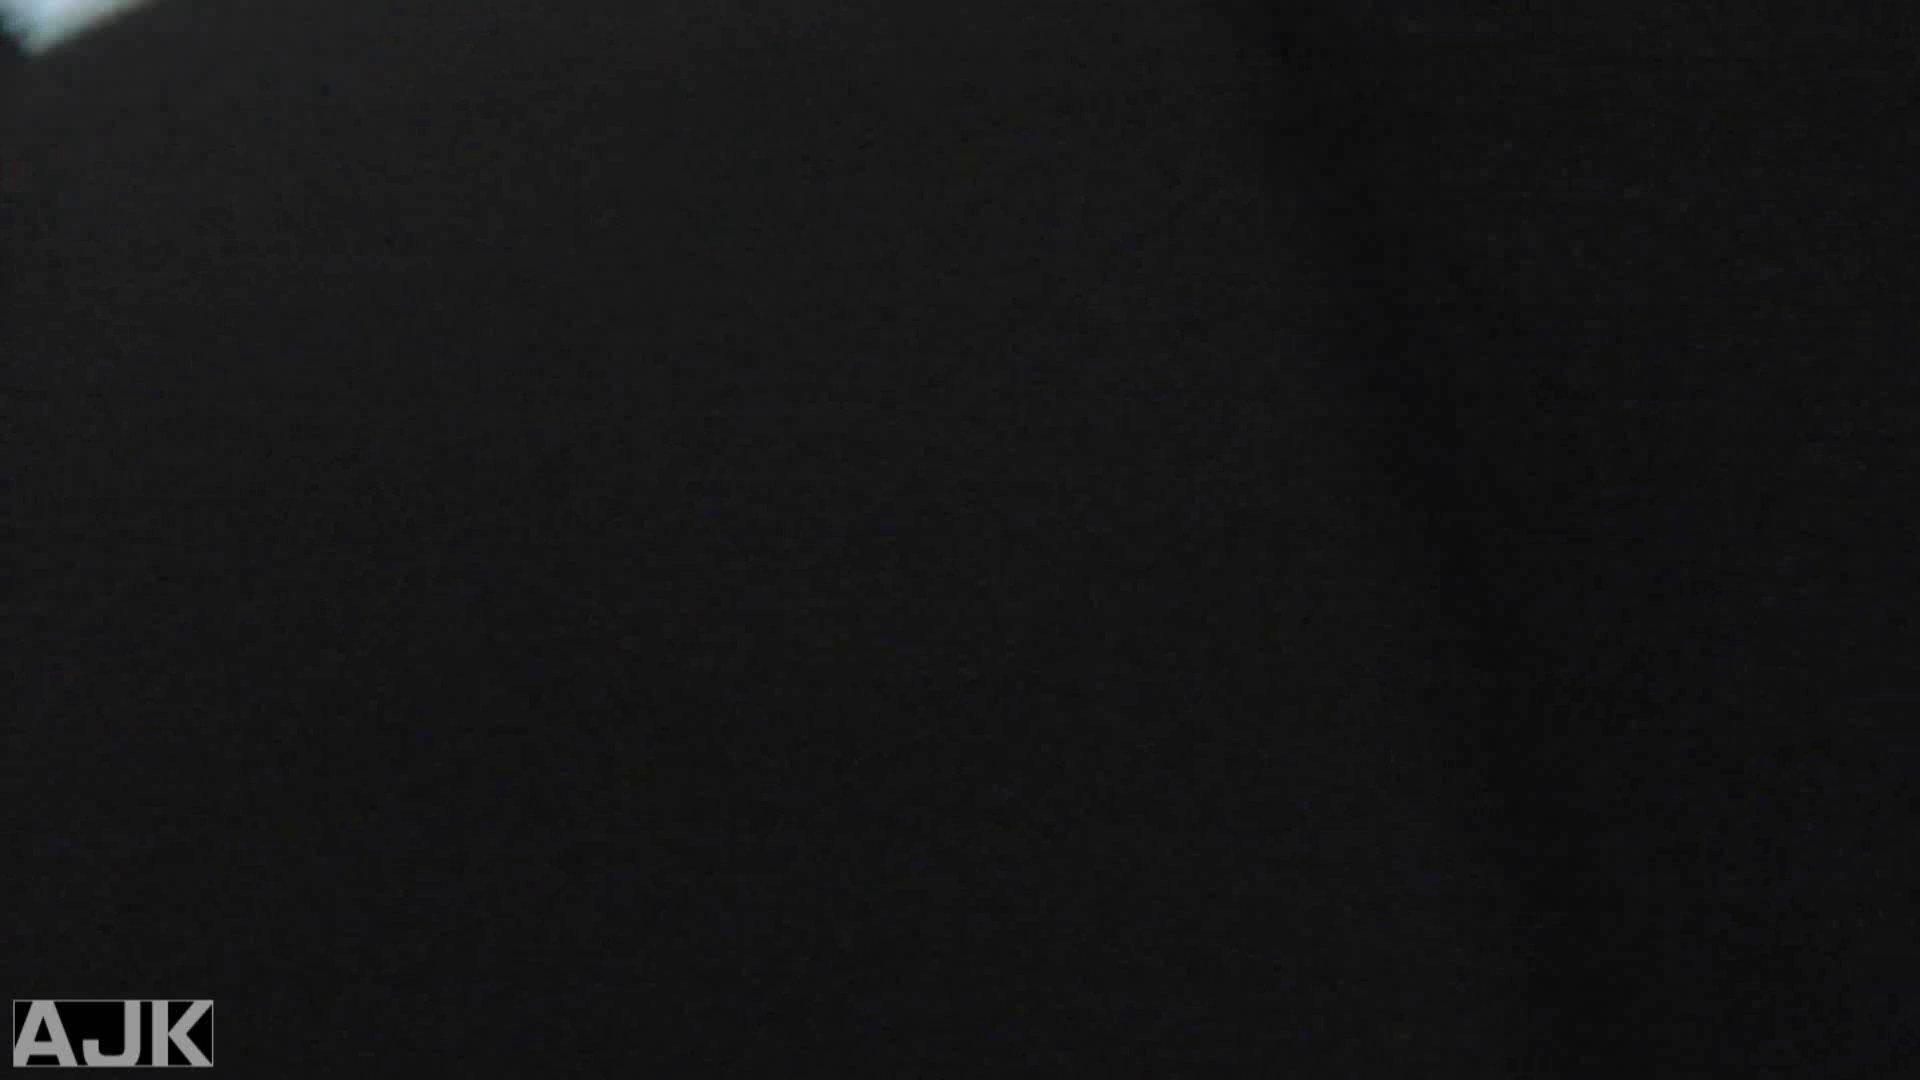 神降臨!史上最強の潜入かわや! vol.25 オマンコ | 肛門  82pic 5